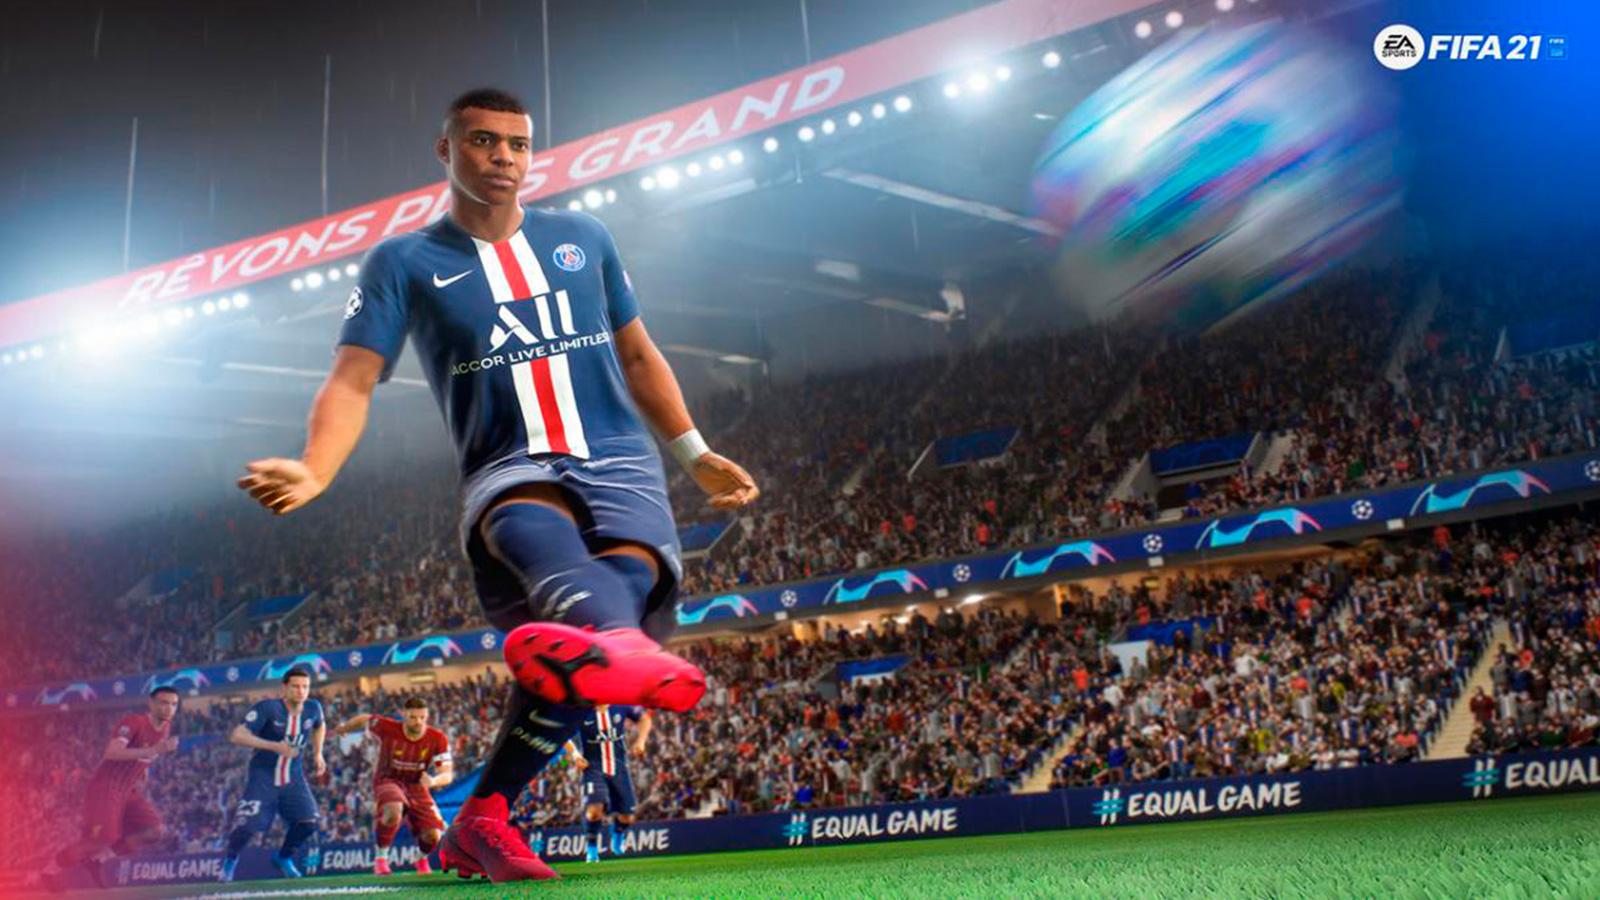 Mbappe en FIFA 21